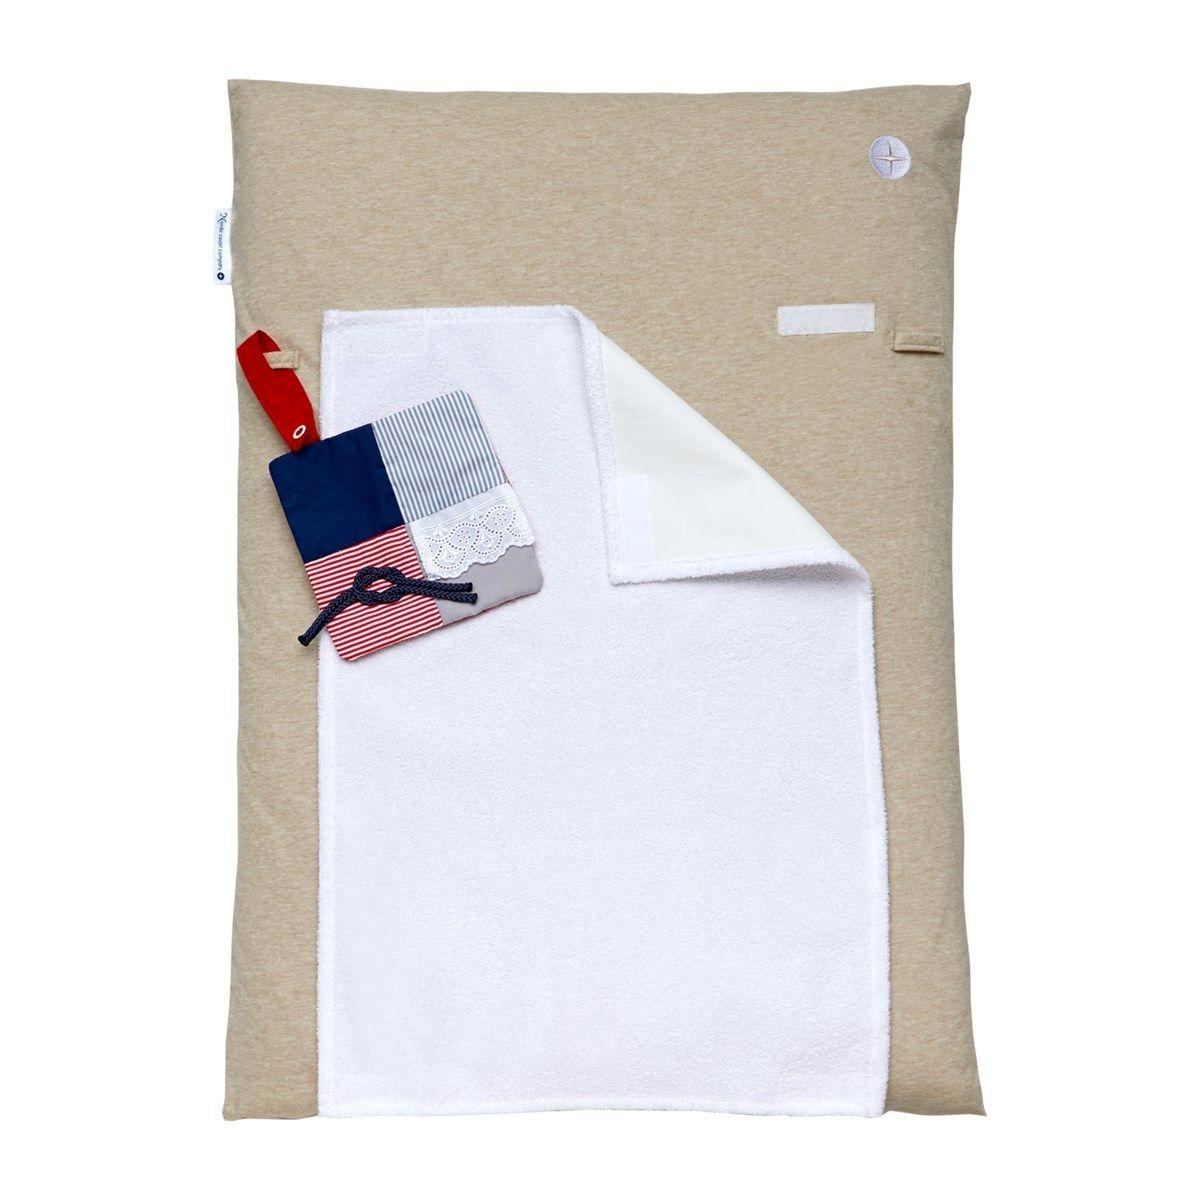 Matelas à langer 70x50cm lavable tissu en beige avec serviette imperméable